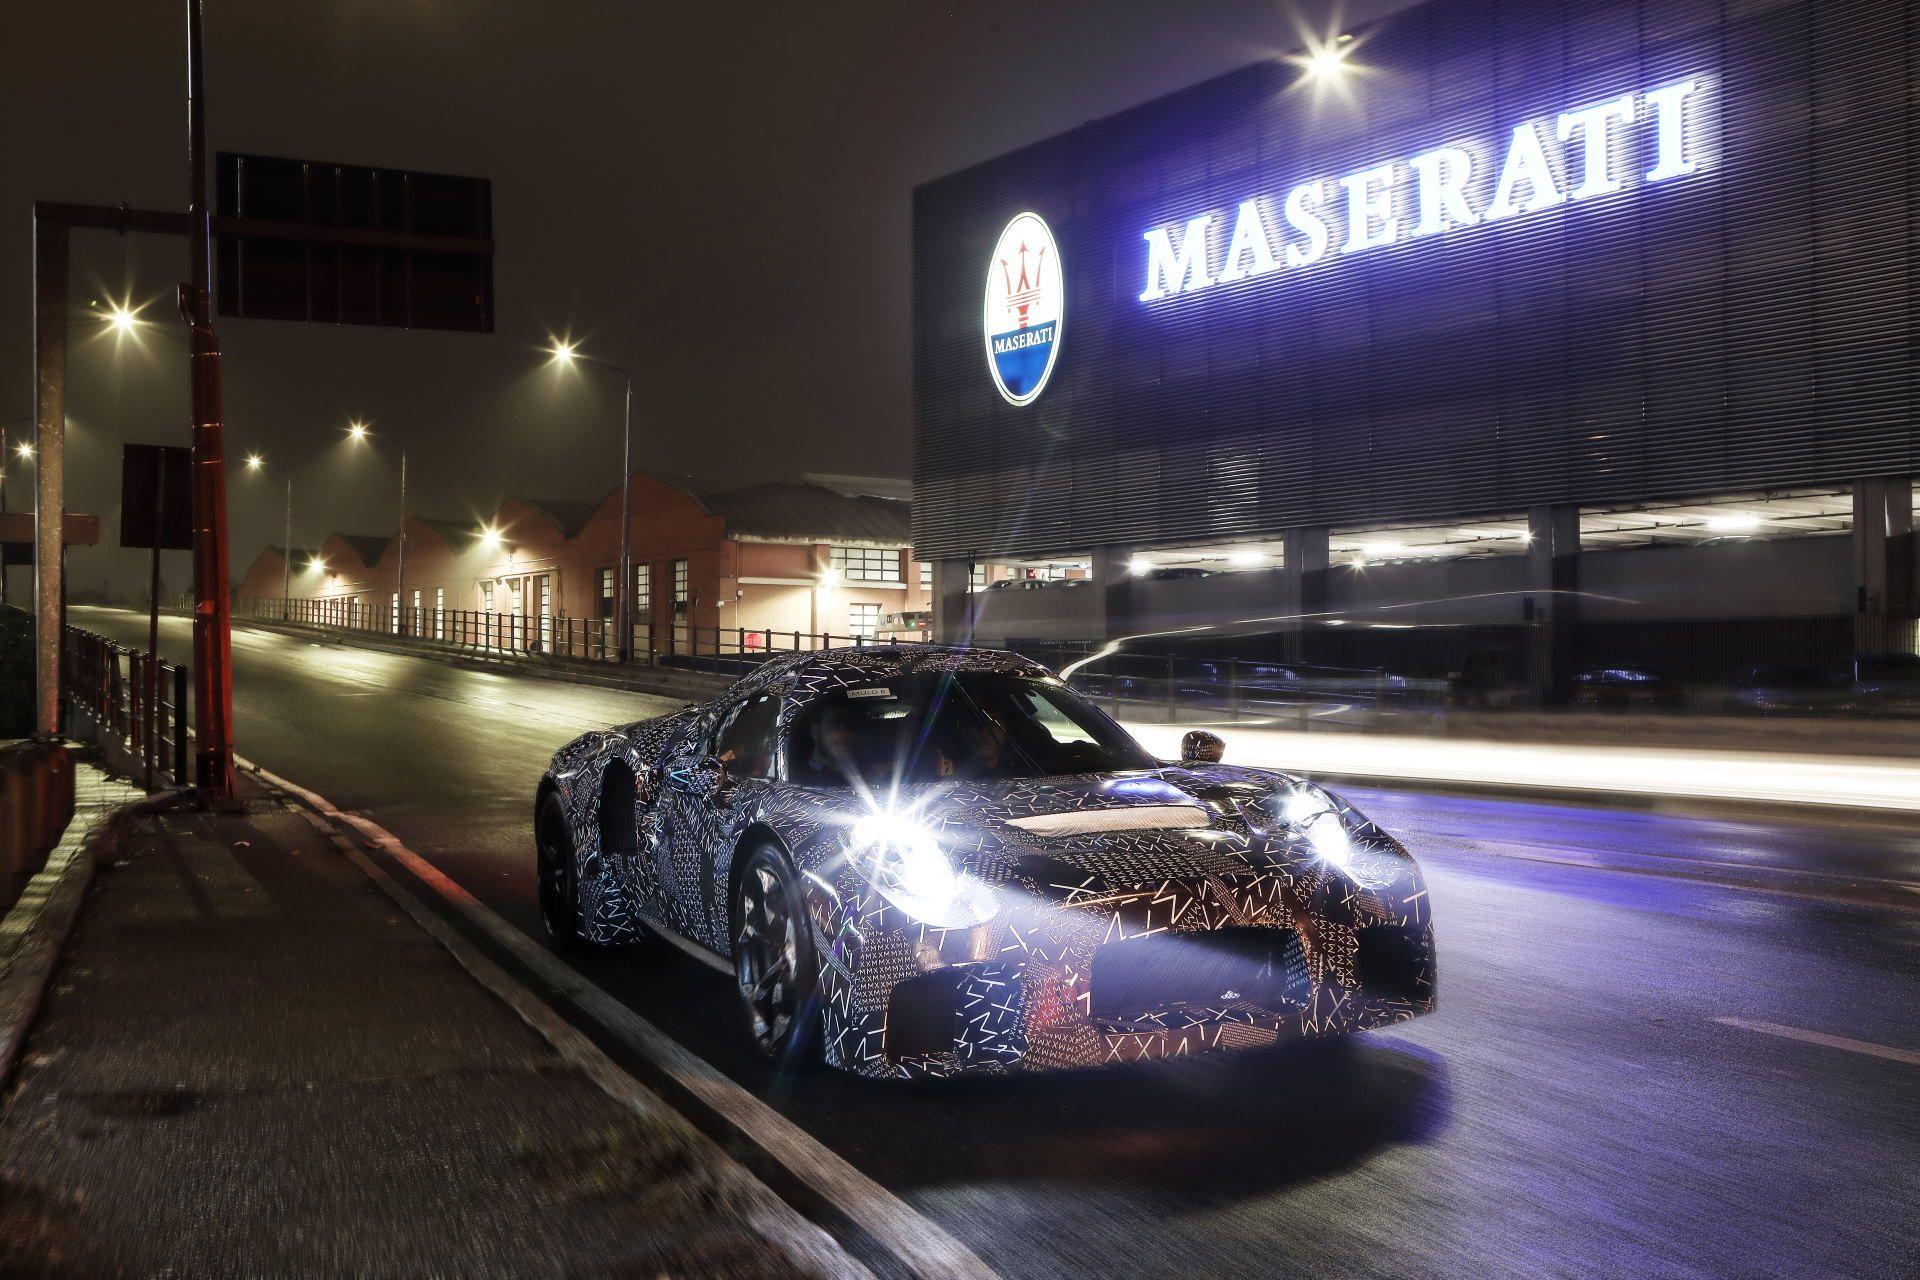 This Camouflaged Maserati Prototype Looks Like a Striking Mid-Engine Exotic